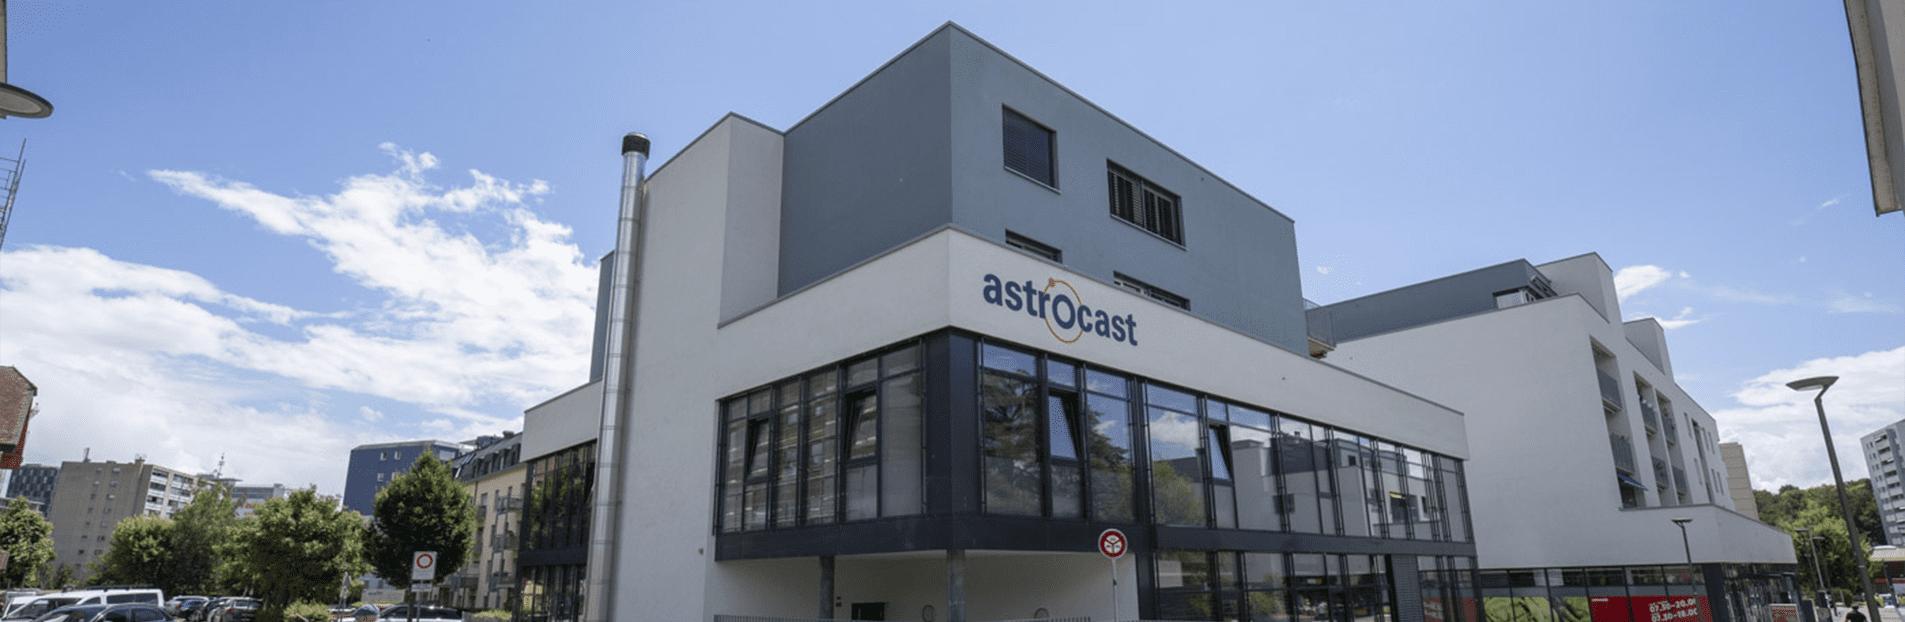 astrocast_building-future